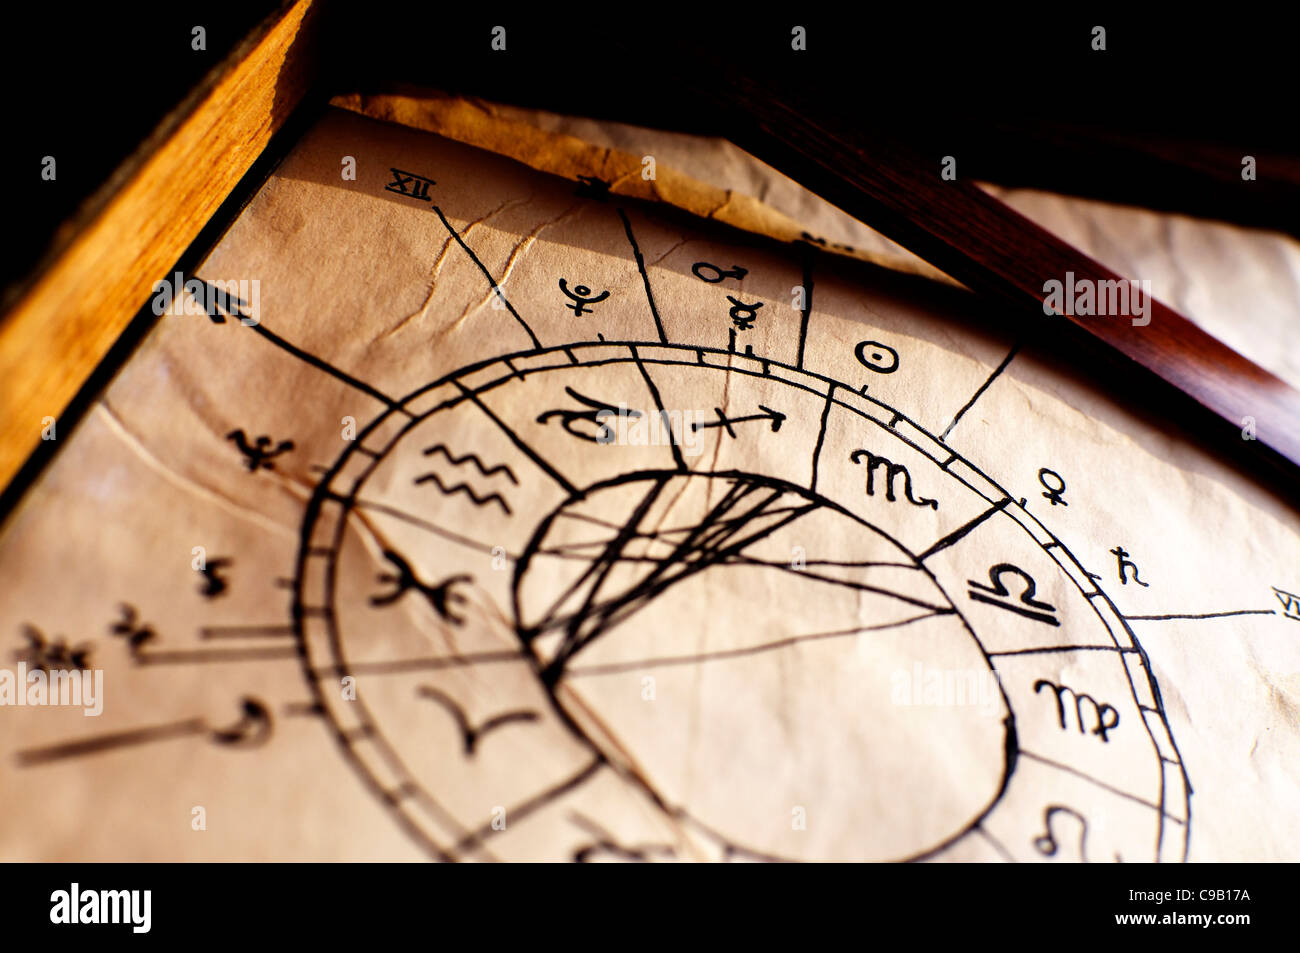 Horóscopo tradicional, utilizado para predecir el futuro Imagen De Stock